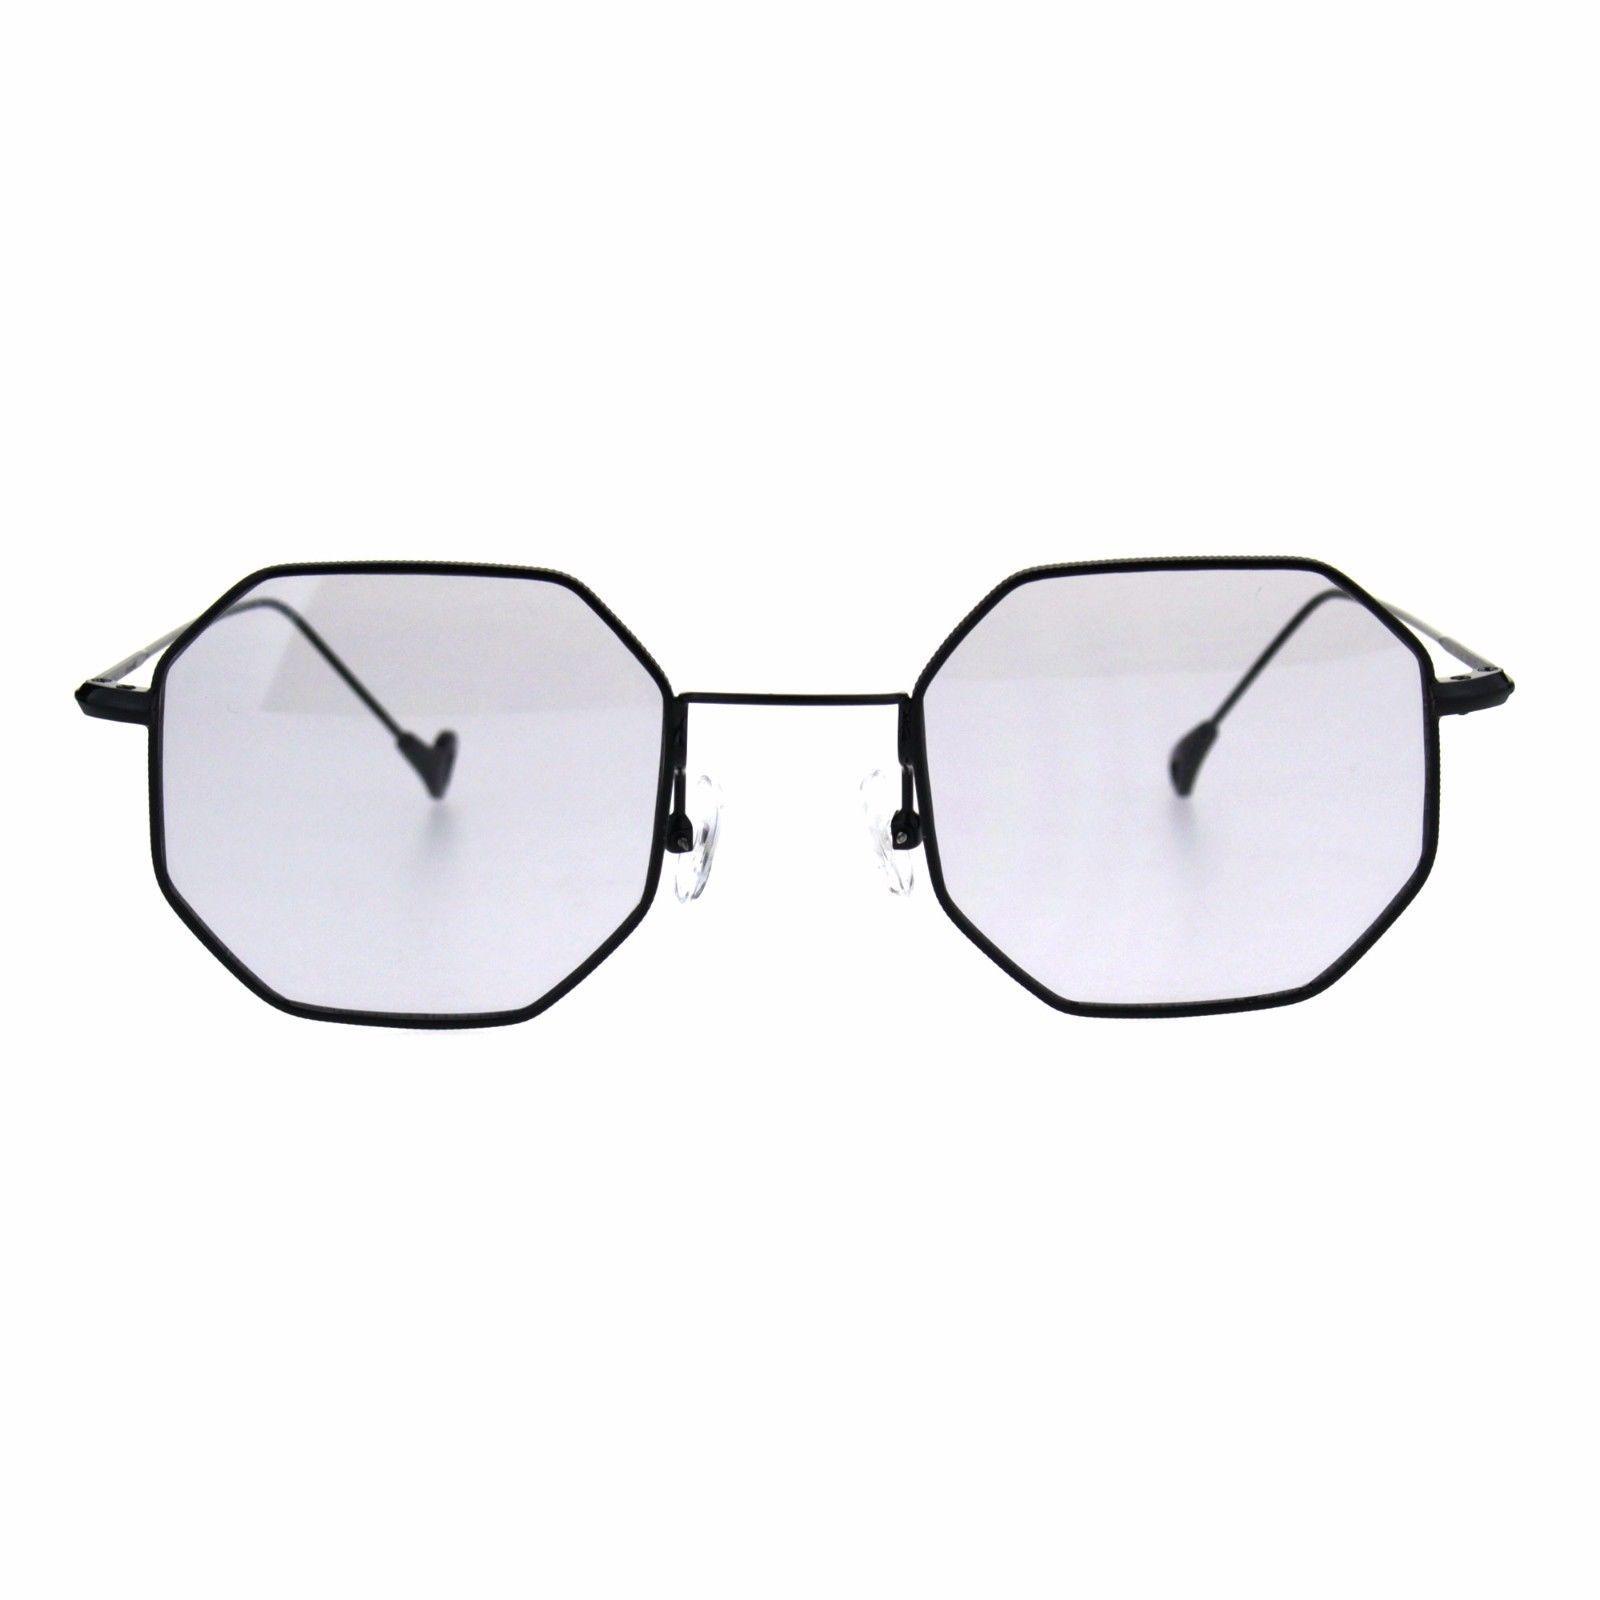 695d8d0d47d4 Mens Vintage Style Octagon Metal Wire Rim Snug Rectangular Sunglasses